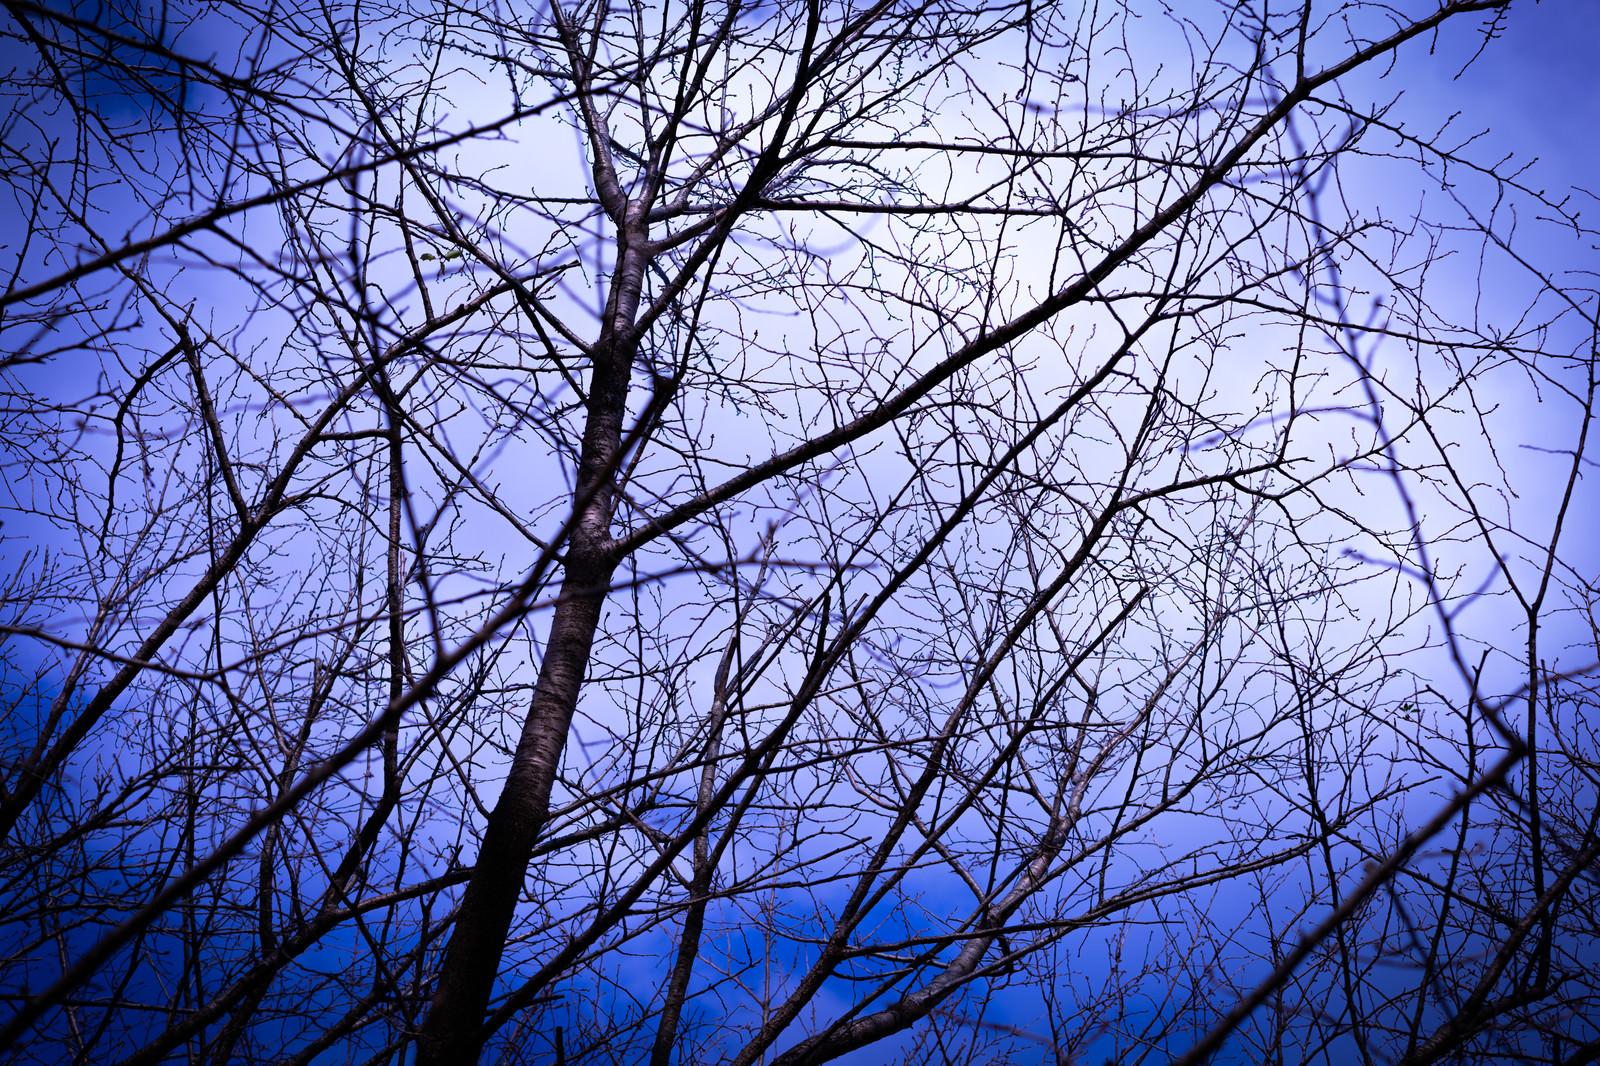 「不気味な空と木々」の写真